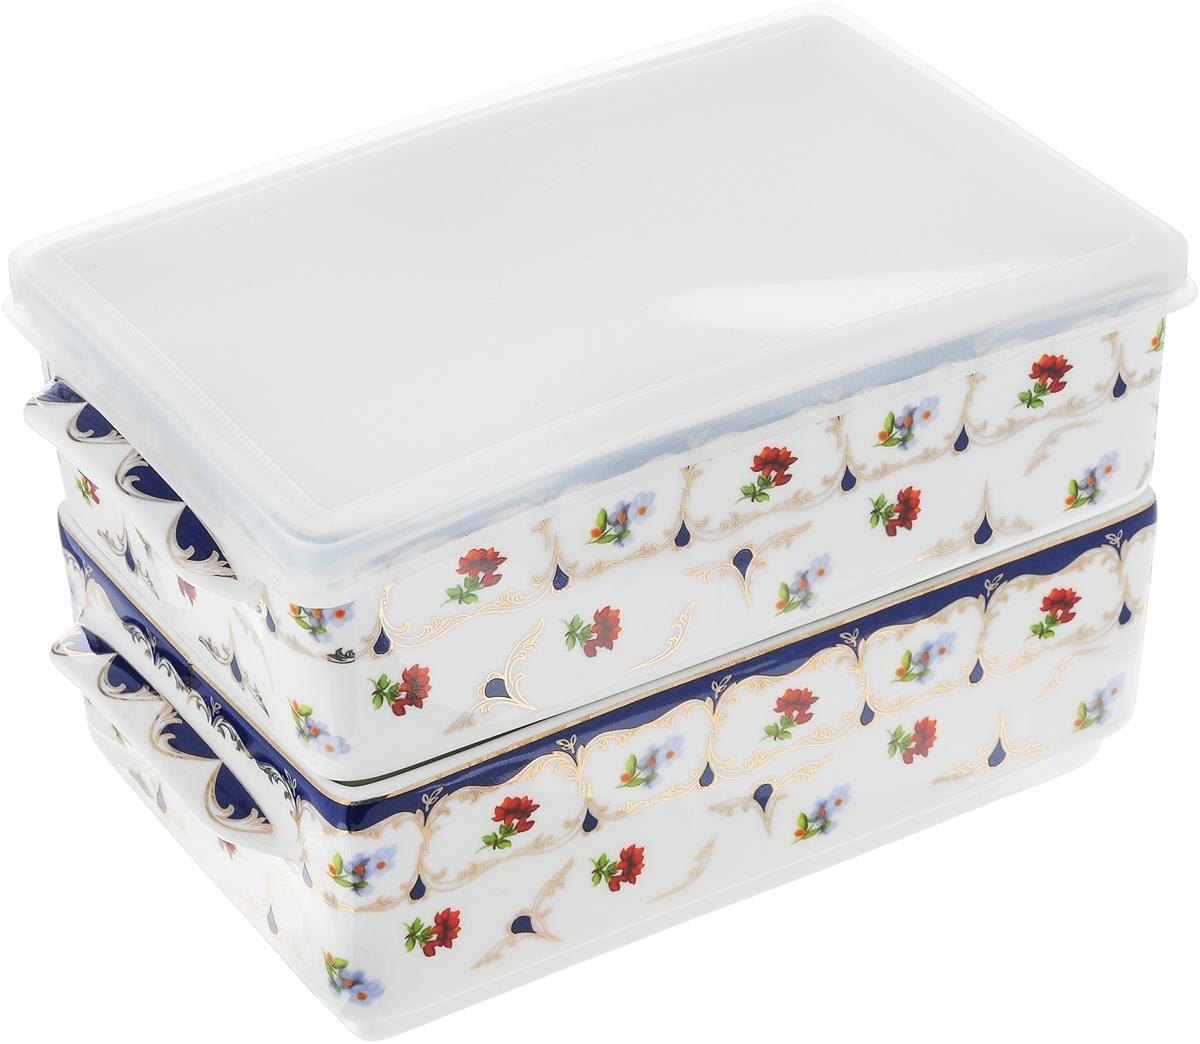 Набор блюд для холодца Elan Gallery Цветочек, 800 мл, 2 шт503543Блюда для холодца Elan Gallery Цветочек, изготовленные из высококачественной керамики, предназначены для приготовления и хранения заливного или холодца. Пластиковая крышка, входящая в комплект, сохранит свежесть вашего блюда. Также блюда можно использовать для приготовления и хранения салатов. Изделия оформлены оригинальным рисунком. Такие блюда украсят сервировку вашего стола и подчеркнут прекрасный вкус хозяйки.Не рекомендуется применять абразивные моющие средства. Не использовать в микроволновой печи. Размер блюд (без учета ручек и крышки): 17,2 х 11,5 х 6 см.Объем блюд: 800 мл.